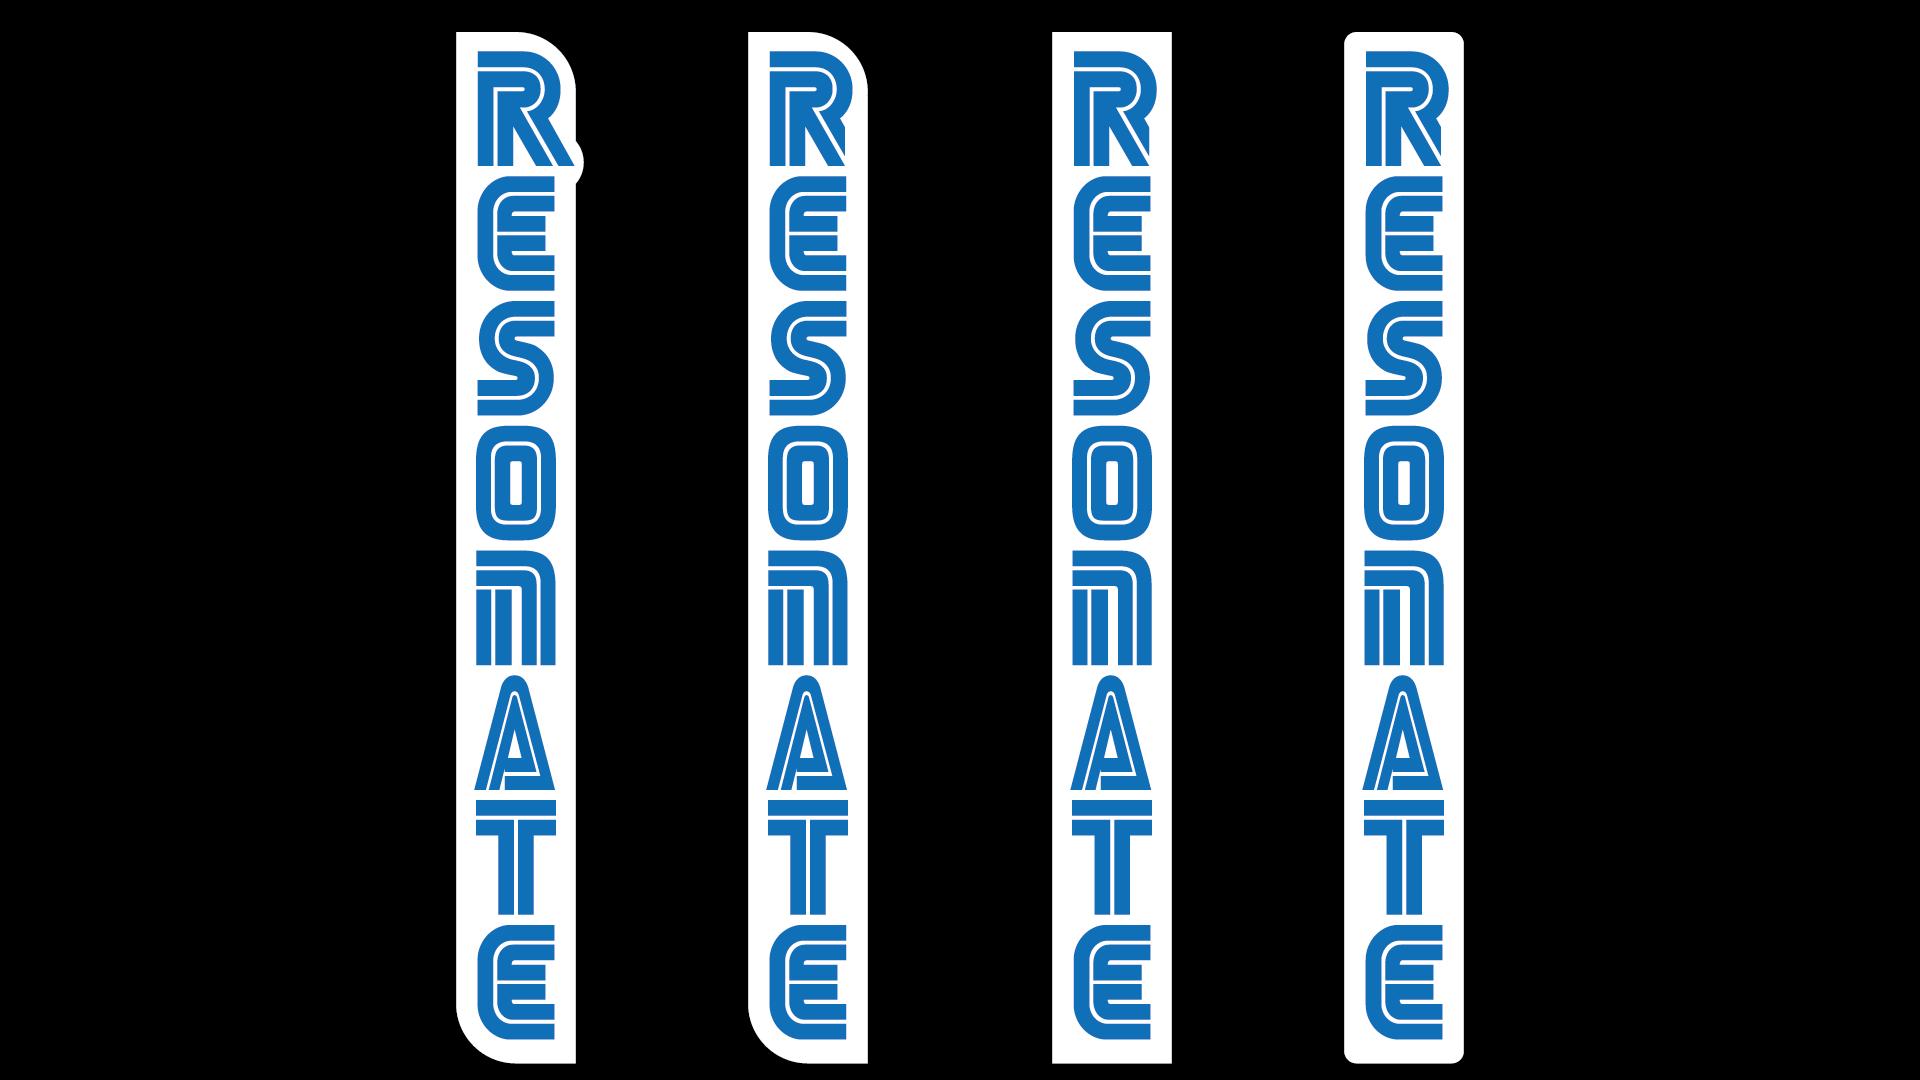 Resonate 2